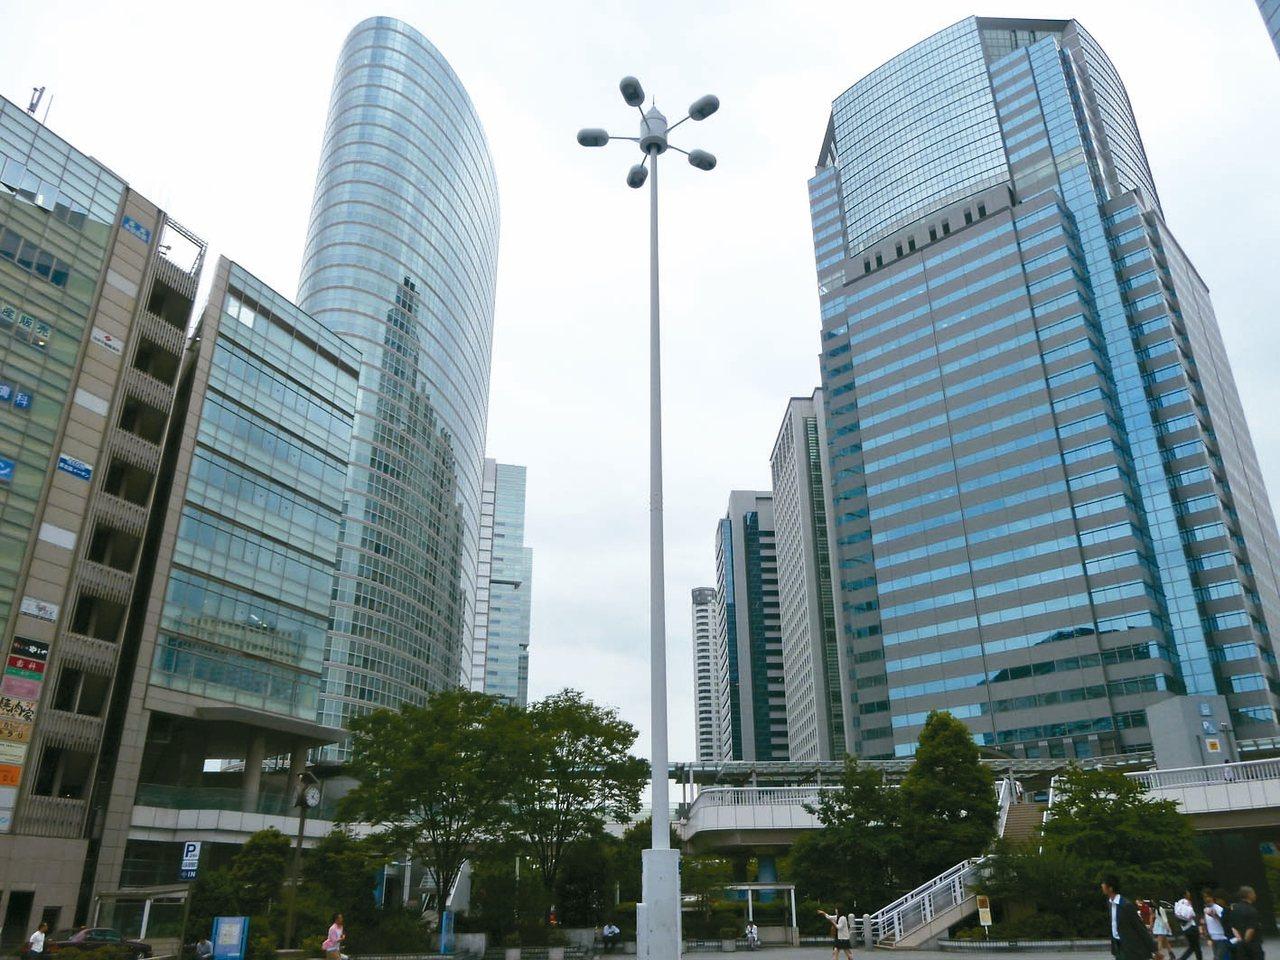 位於東京都繁華商業區內的品川區,是東京都內23個特別區之一,地理位置西望富士山、...